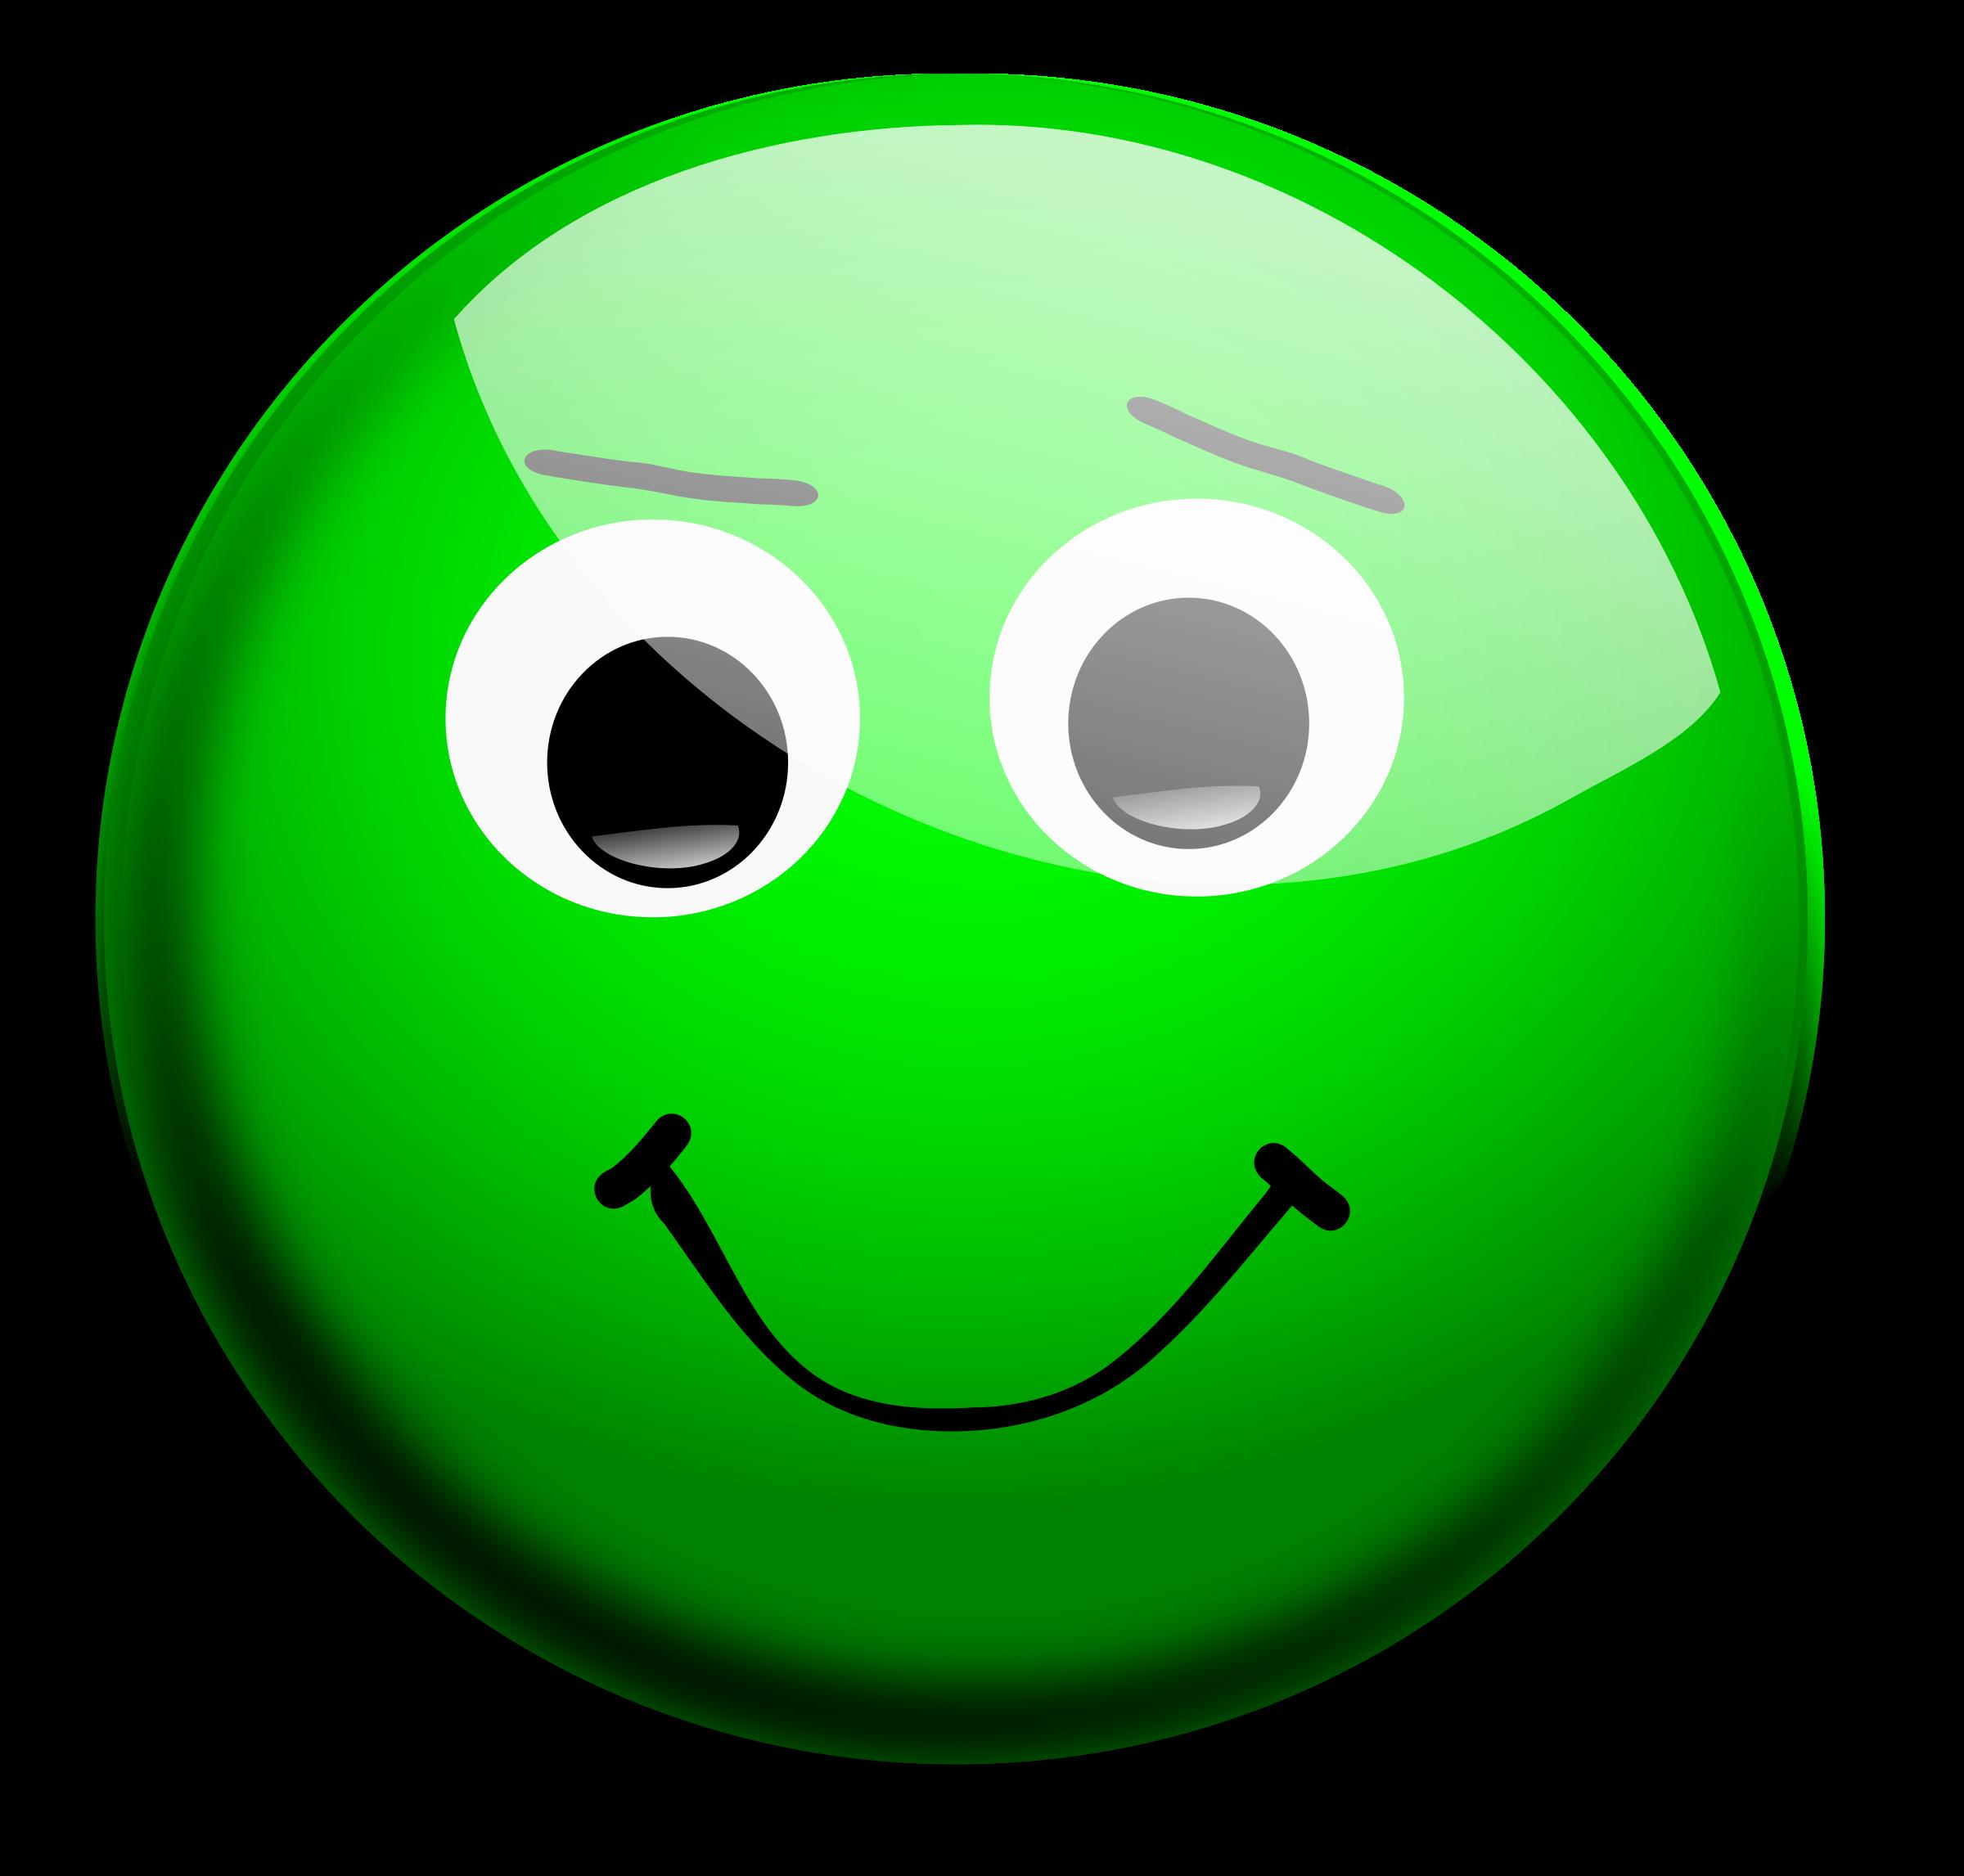 Green clipart clipartxtras. Smiley face clip art happy